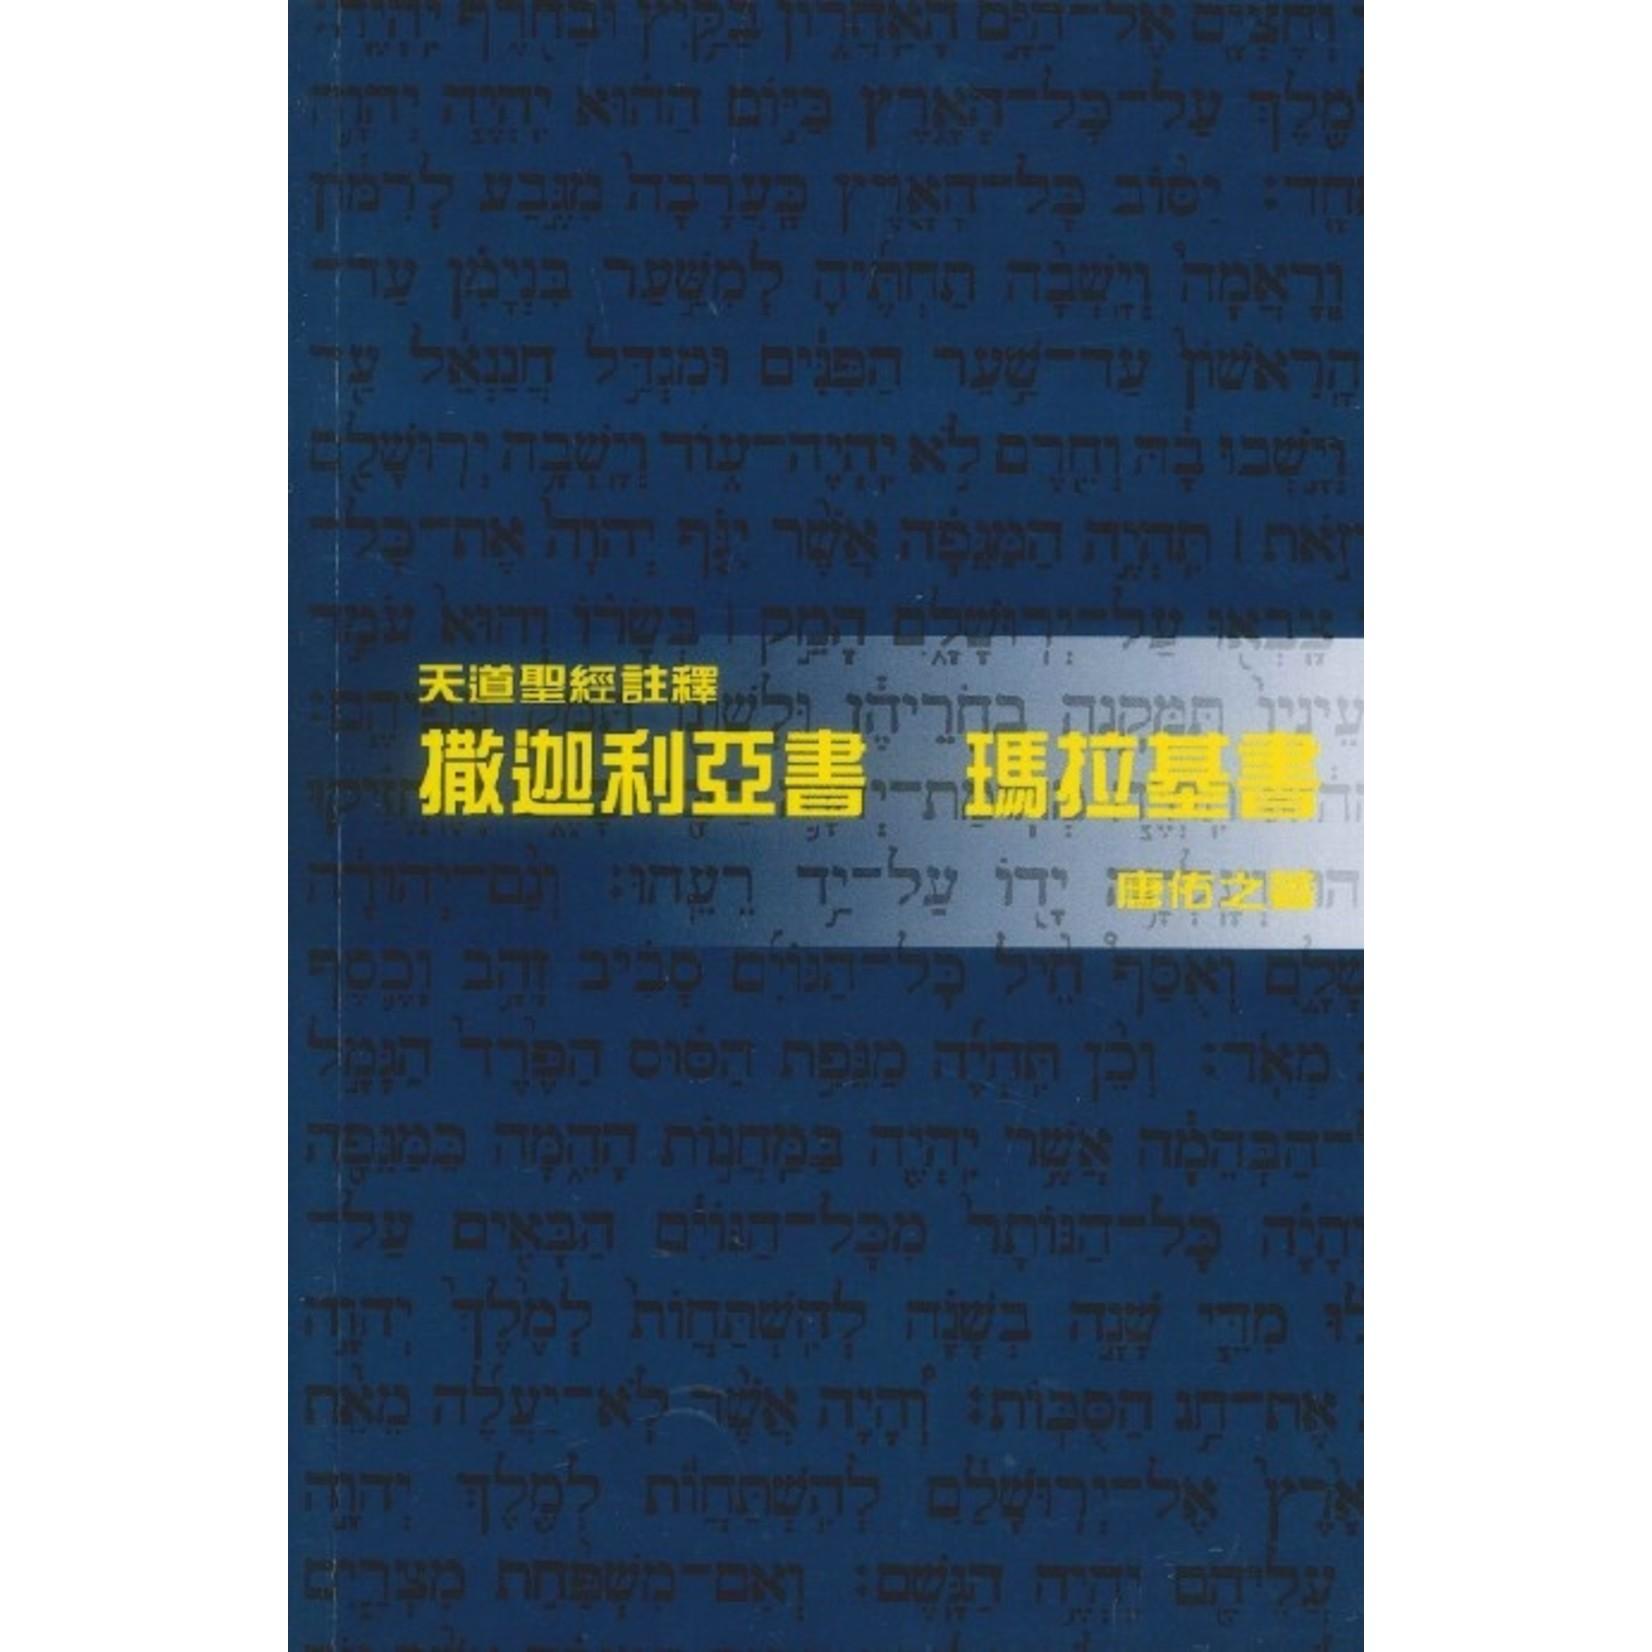 天道書樓 Tien Dao Publishing House 天道聖經註釋:撒迦利亞書 瑪拉基書